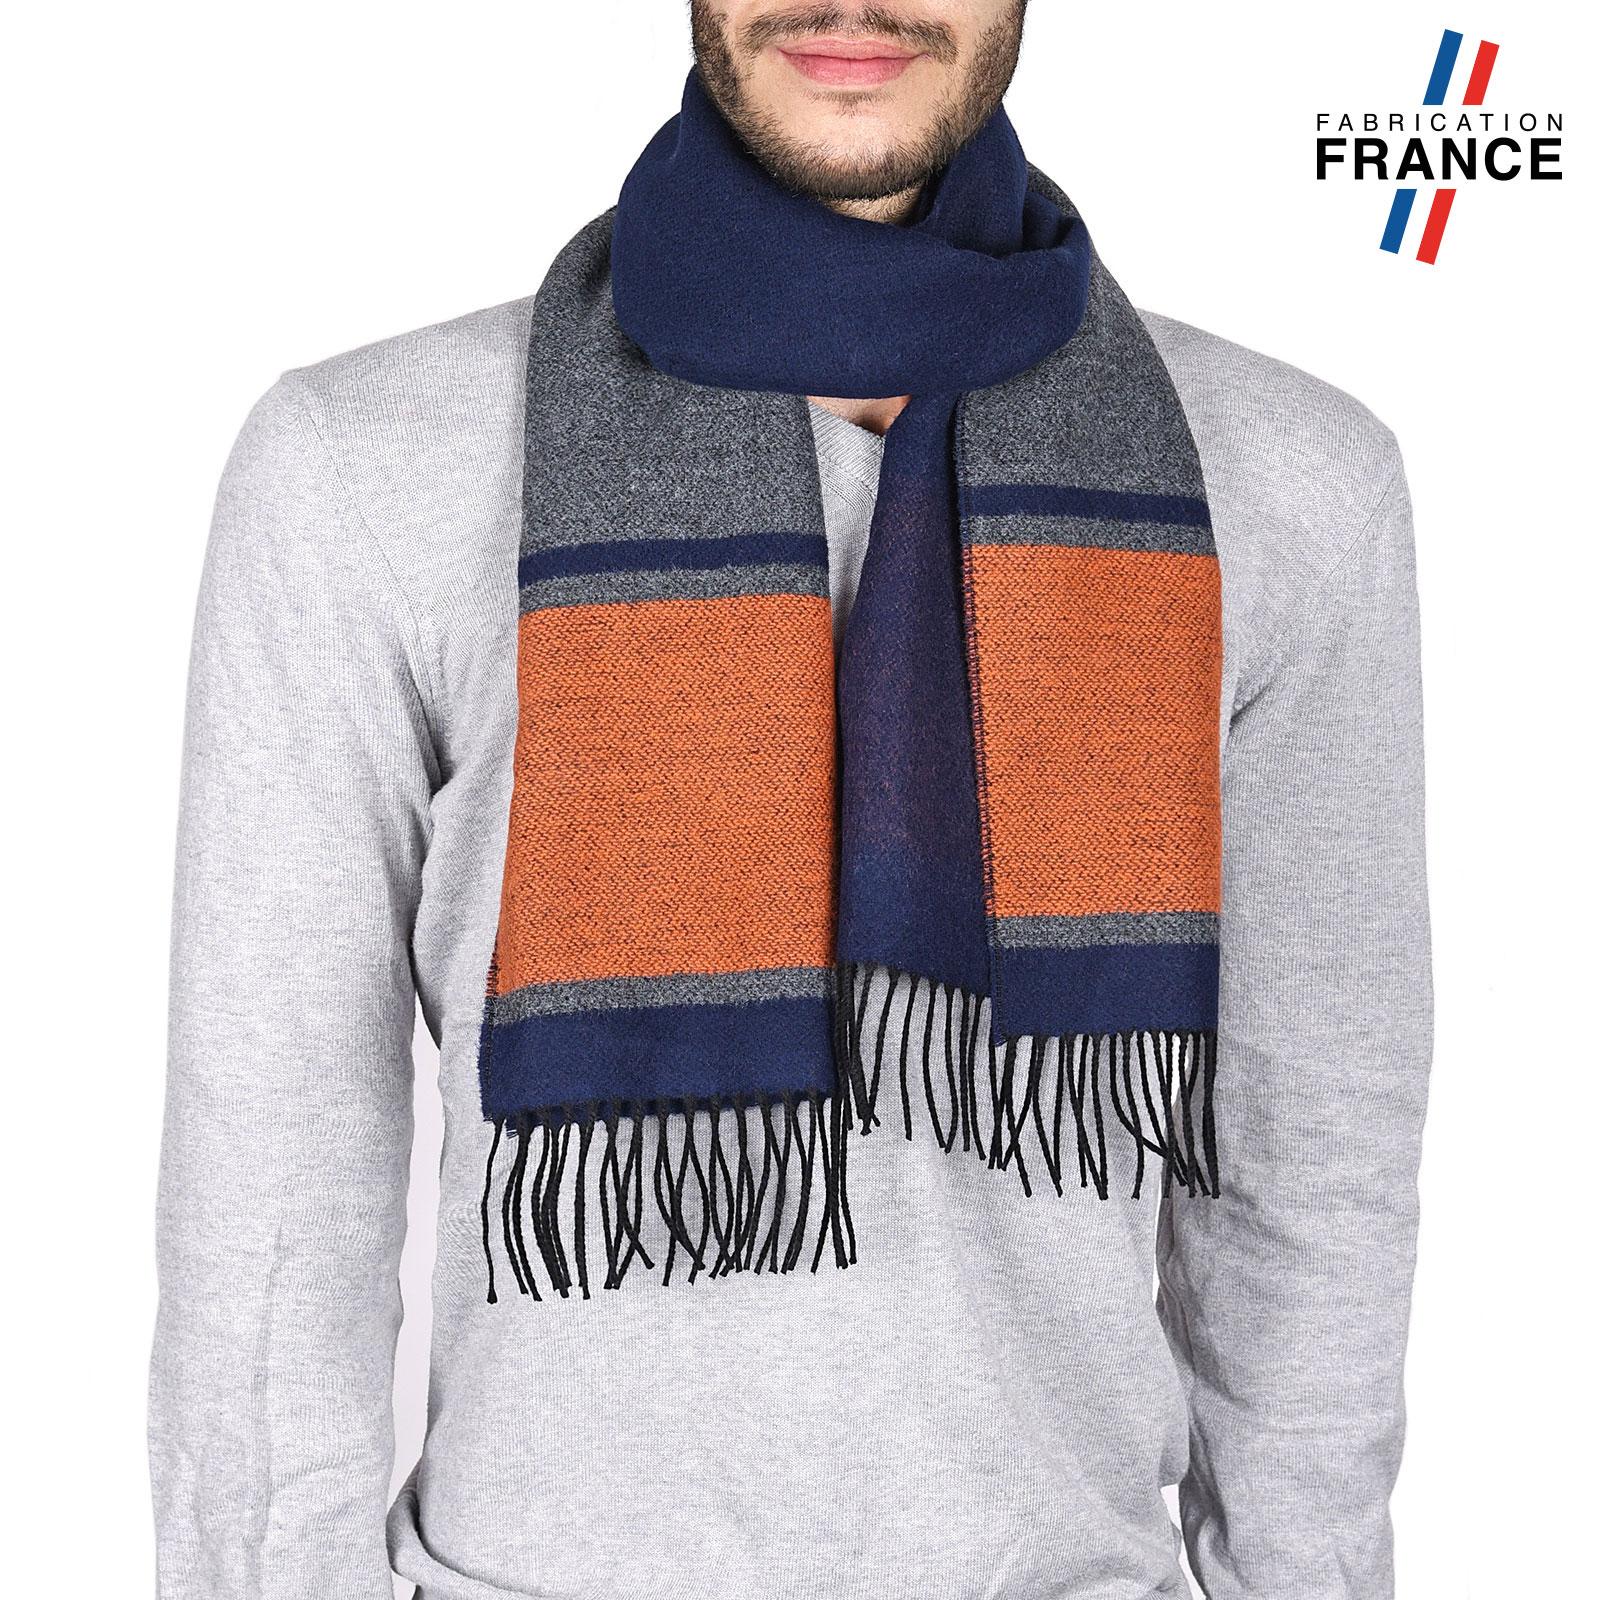 AT-03745-marine-orange-echarpe-homme-bleue-a-rayures-bleue-W16